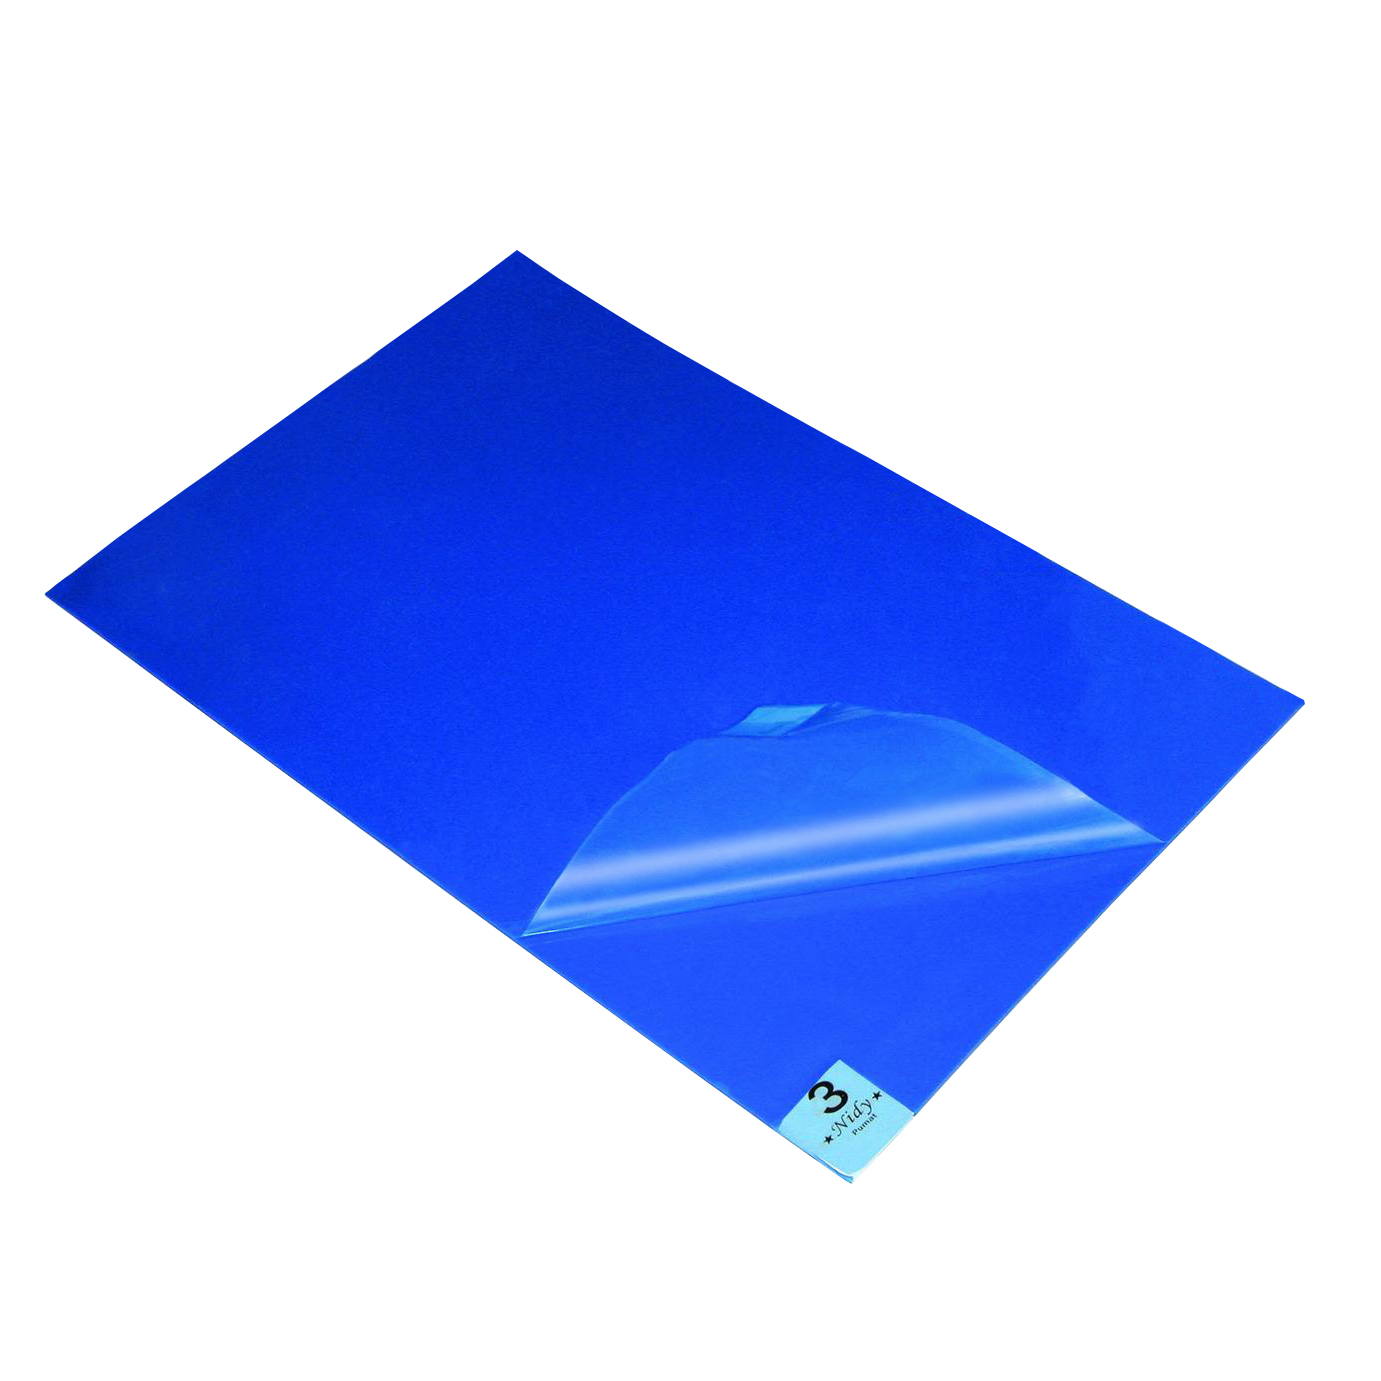 可撕式防静电粘尘垫蓝色除尘地垫无尘实验室车间家用脚踏垫60*90